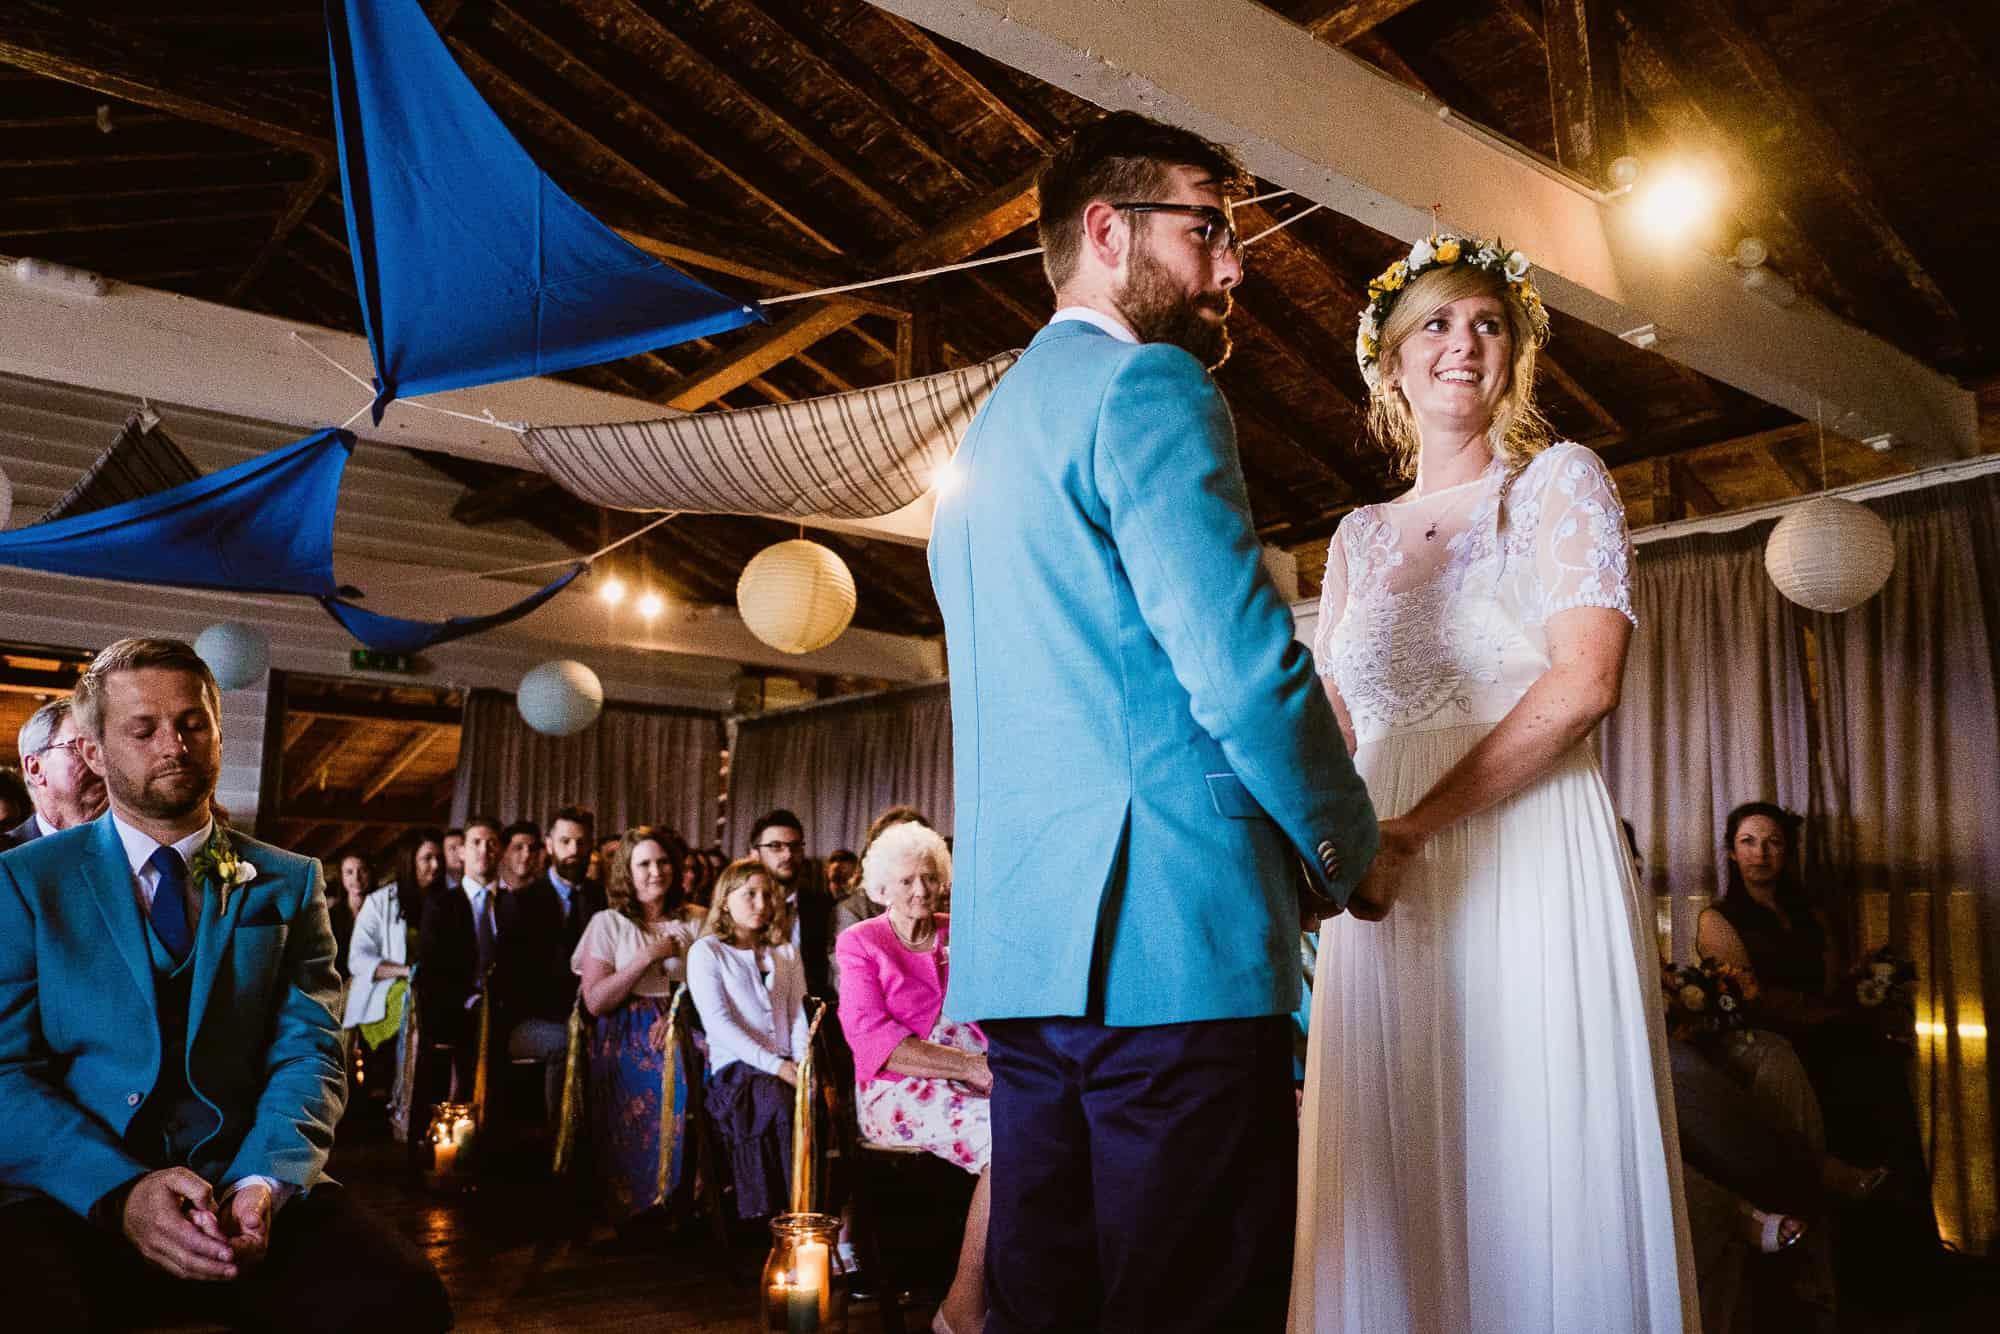 east-quay-wedding-photography-matt-tyler-0032